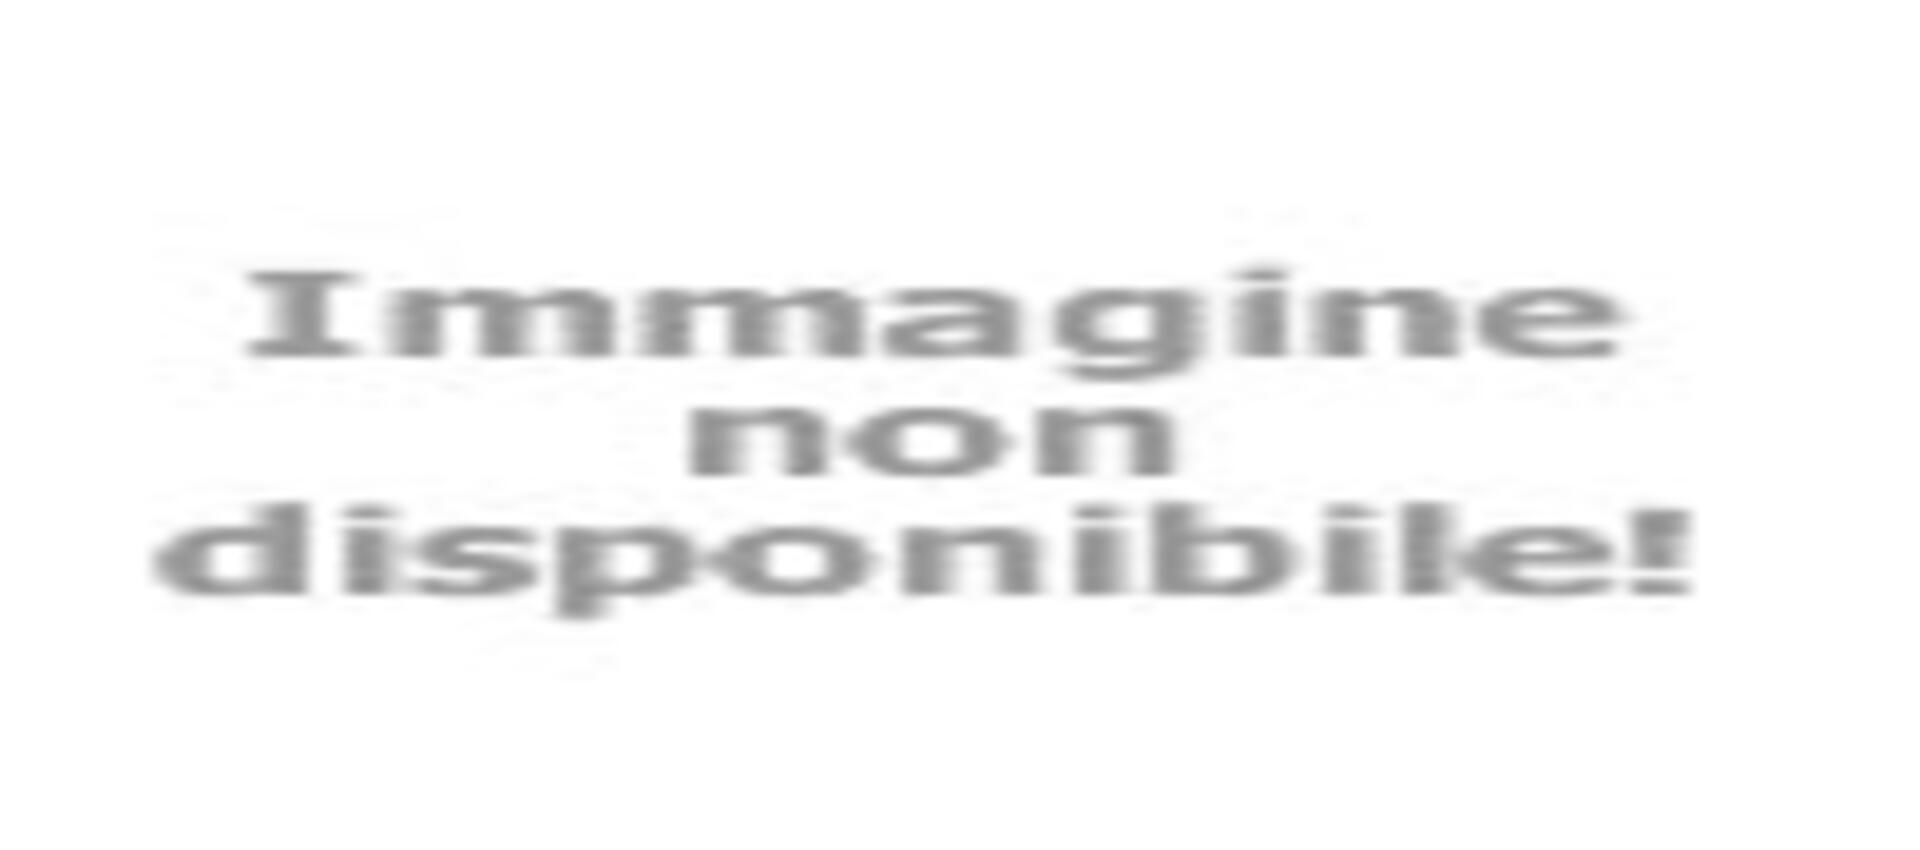 olivetoamare en stories 004